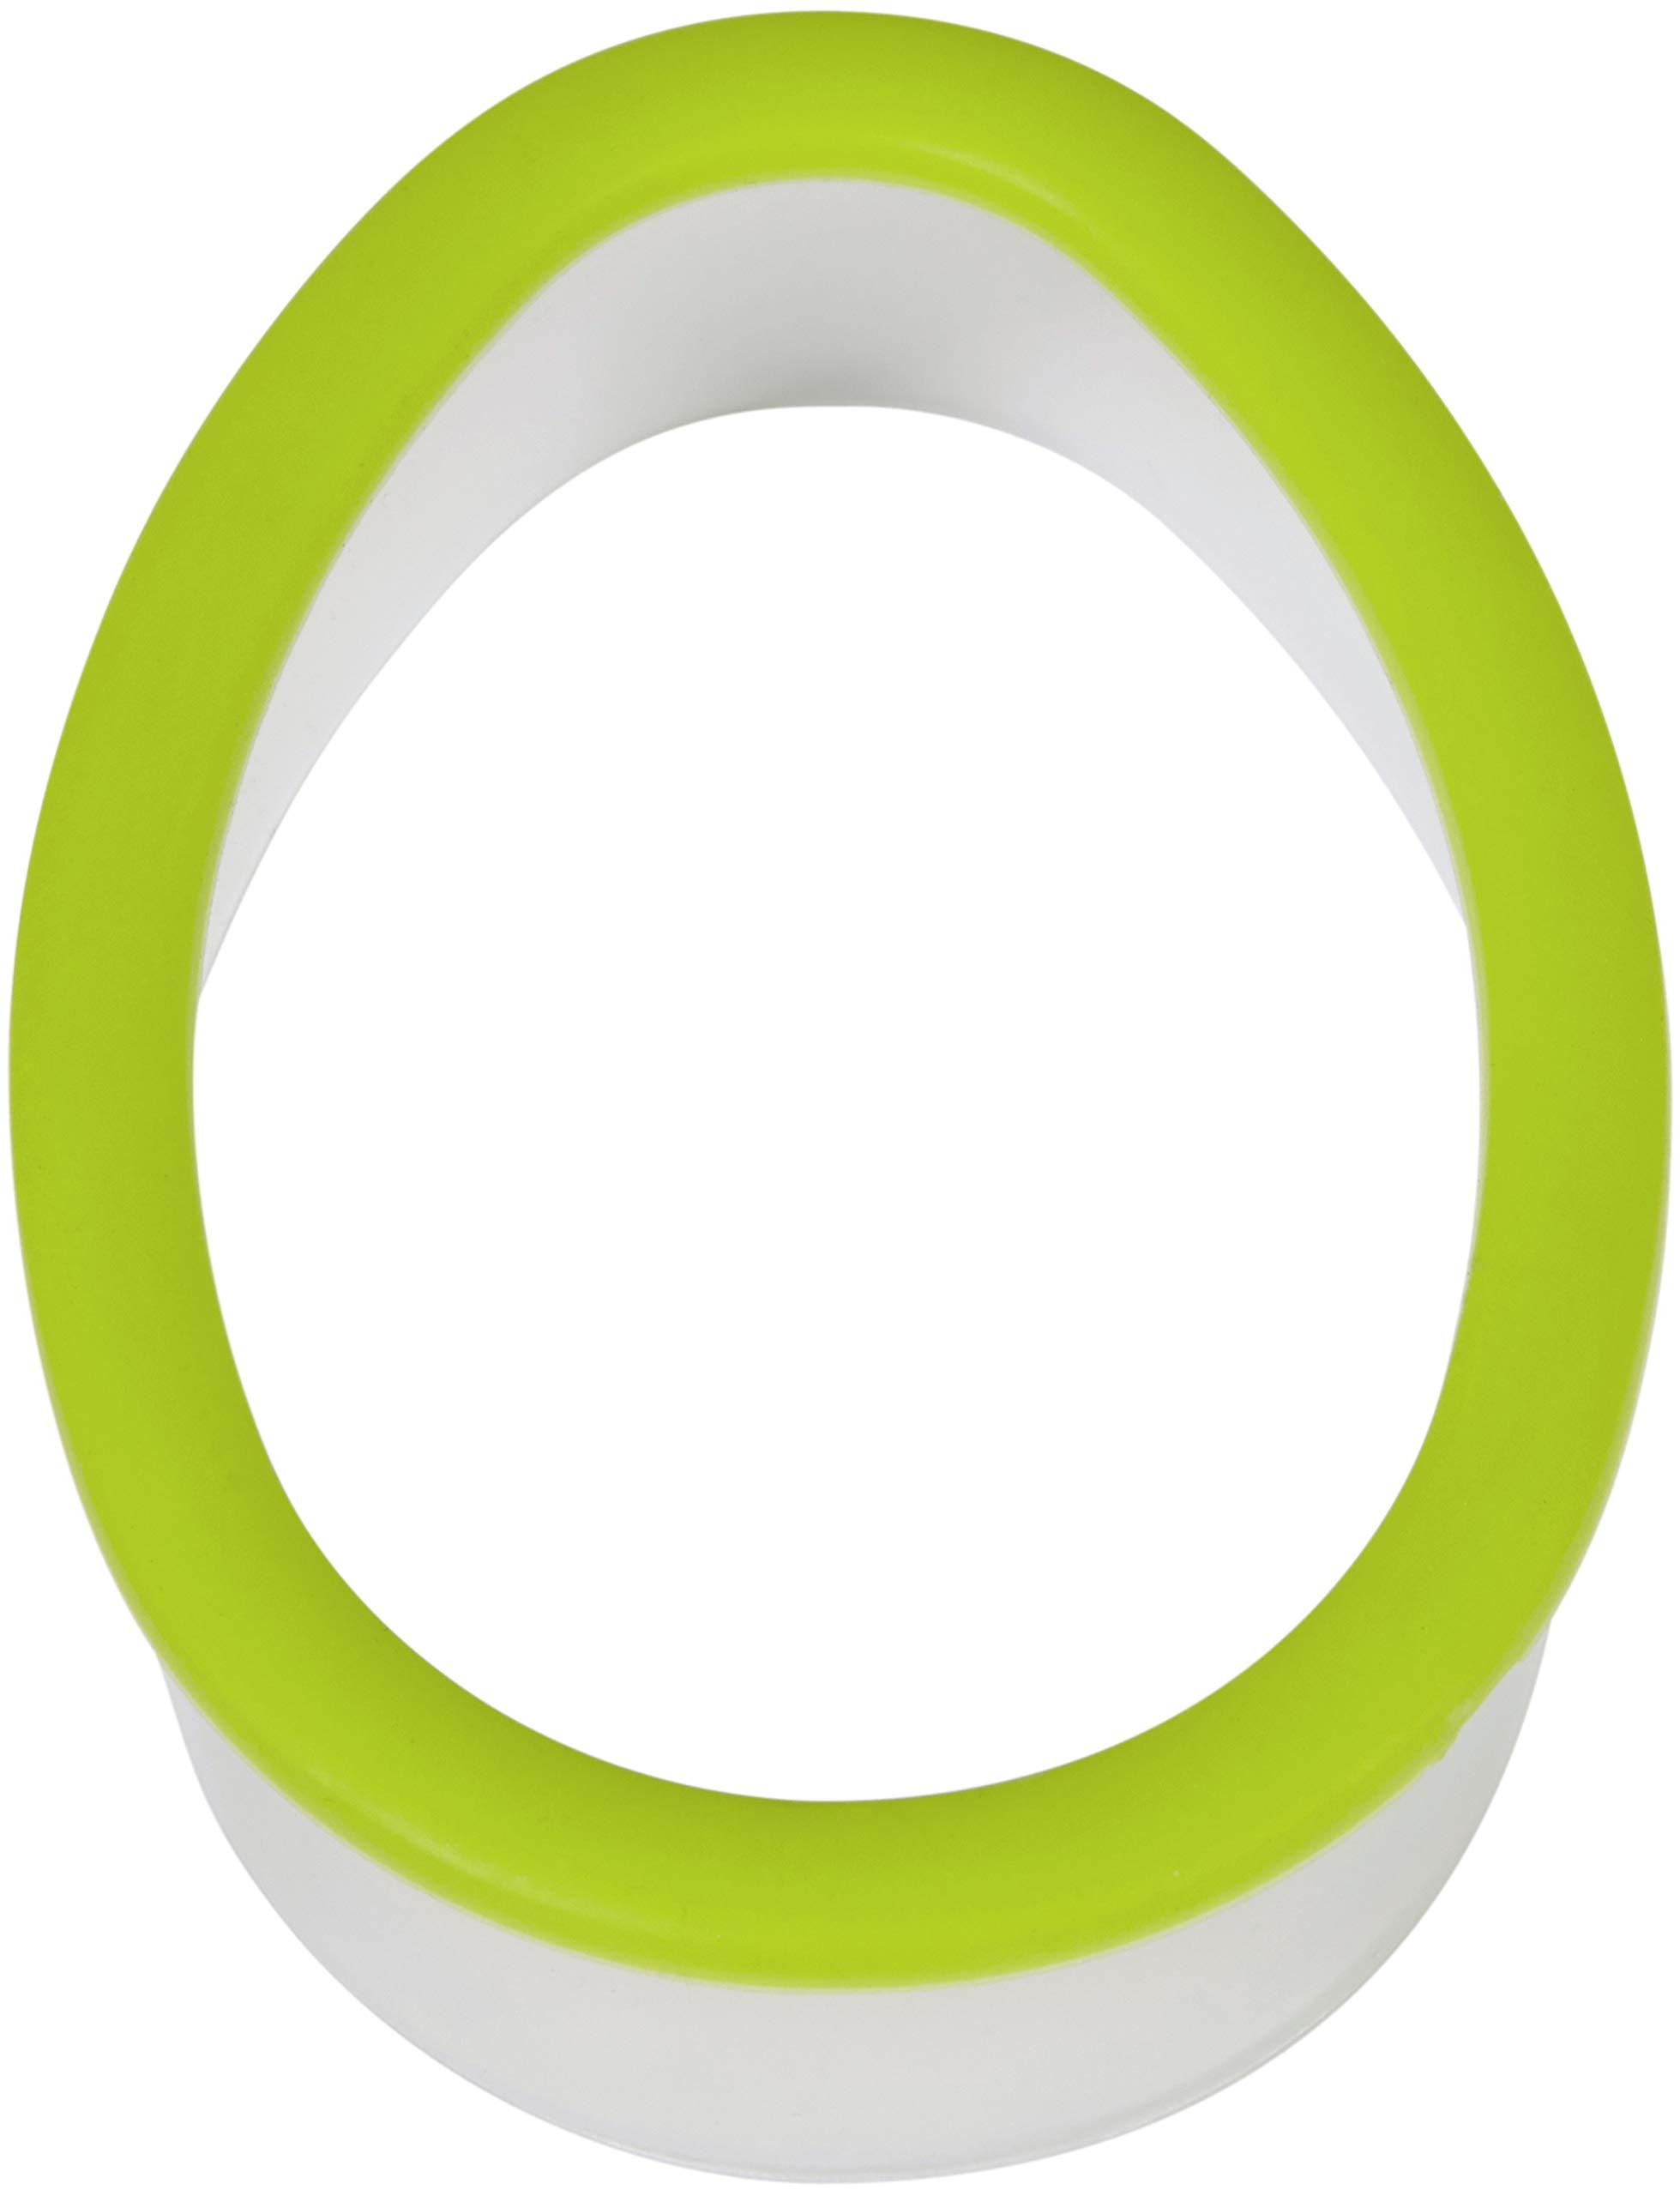 Wilton 2311-1381 Comfort Grip Green Egg Cookie Cutter